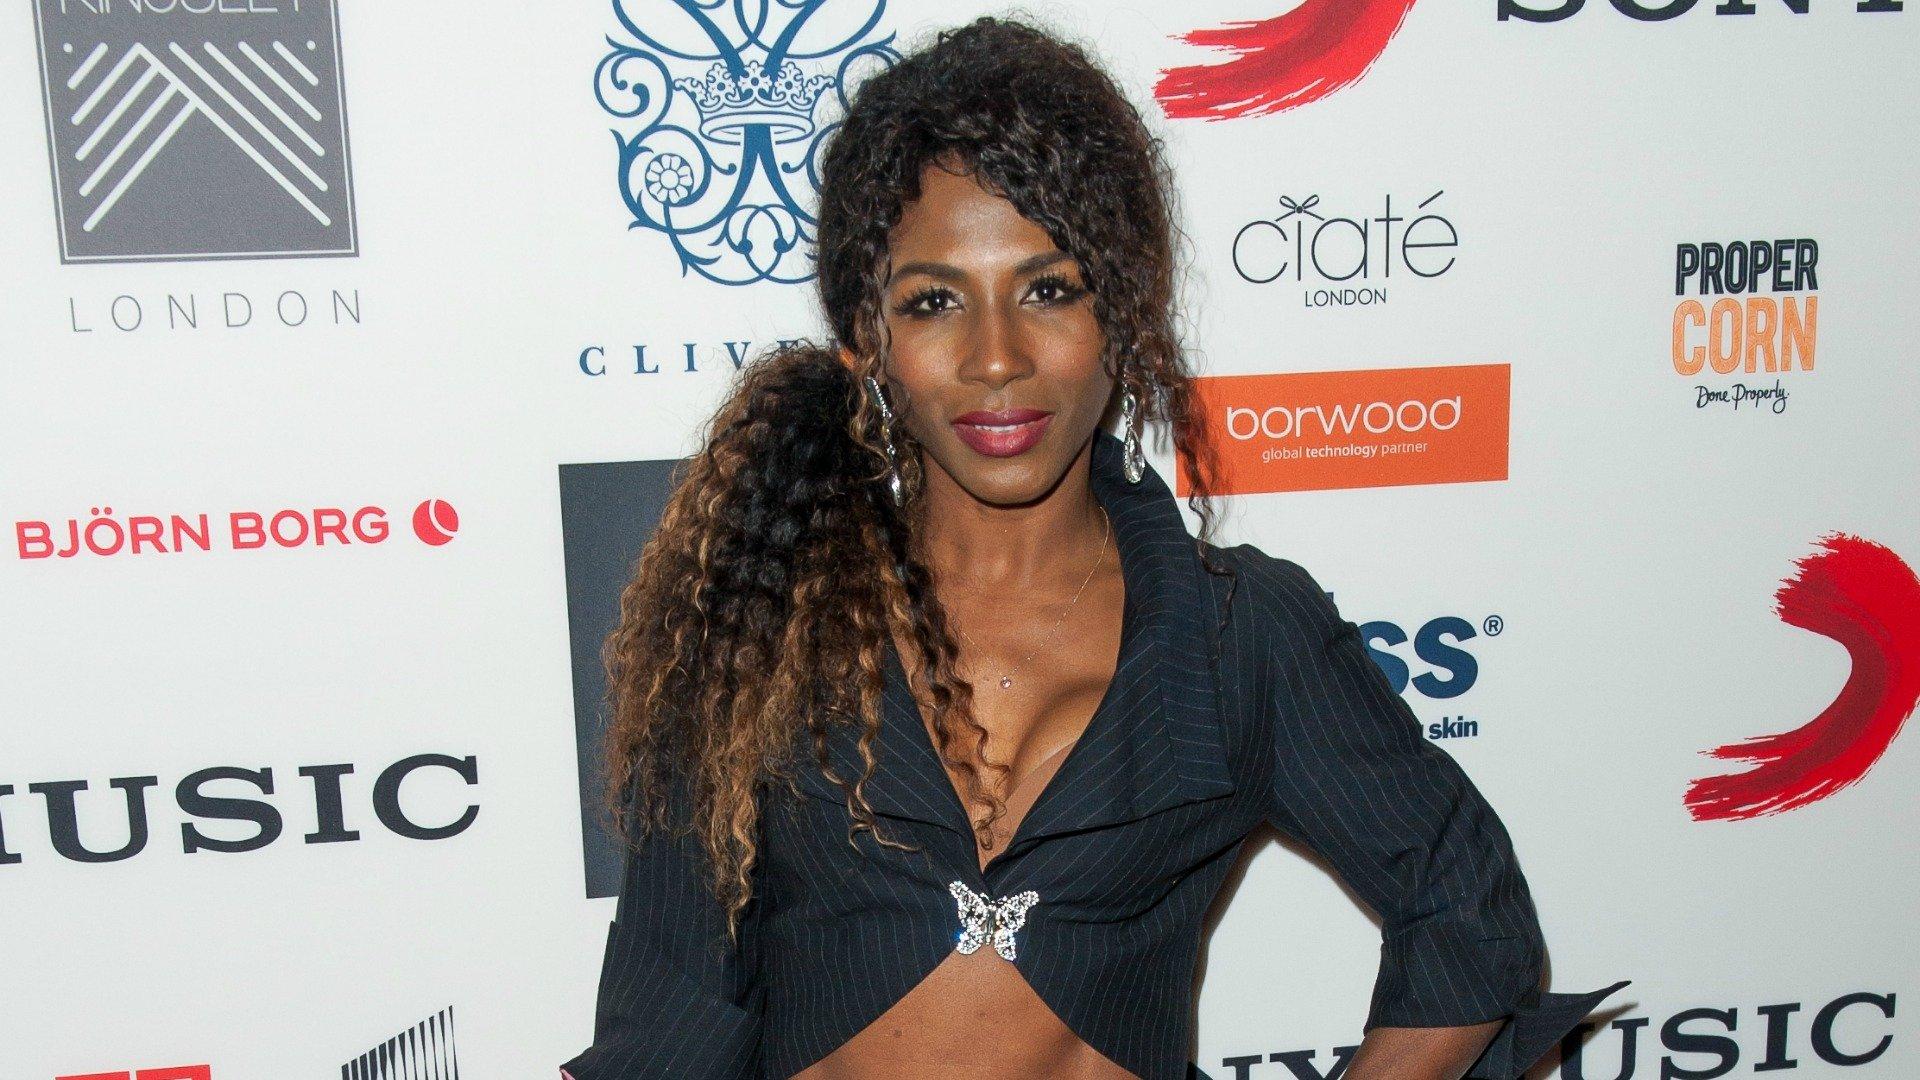 Американская певица случайно показала голую грудь на гей-выставке в Лондоне